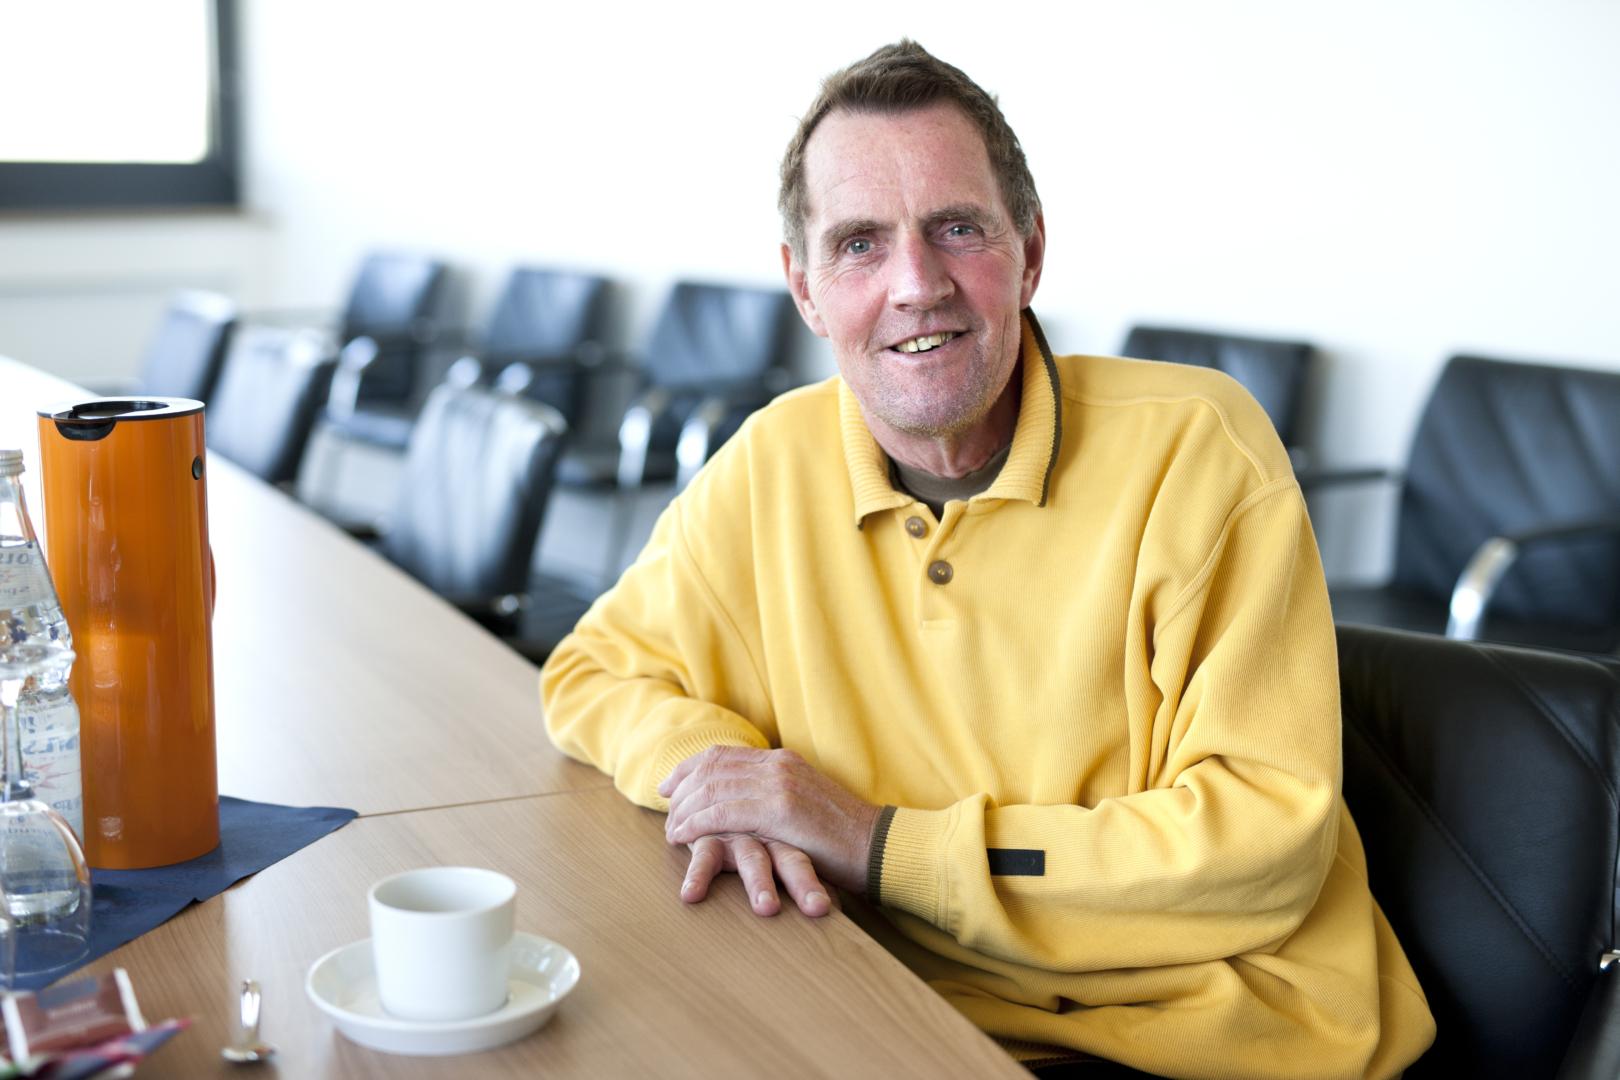 Burckhart bleibt Rektor an Universität Siegen